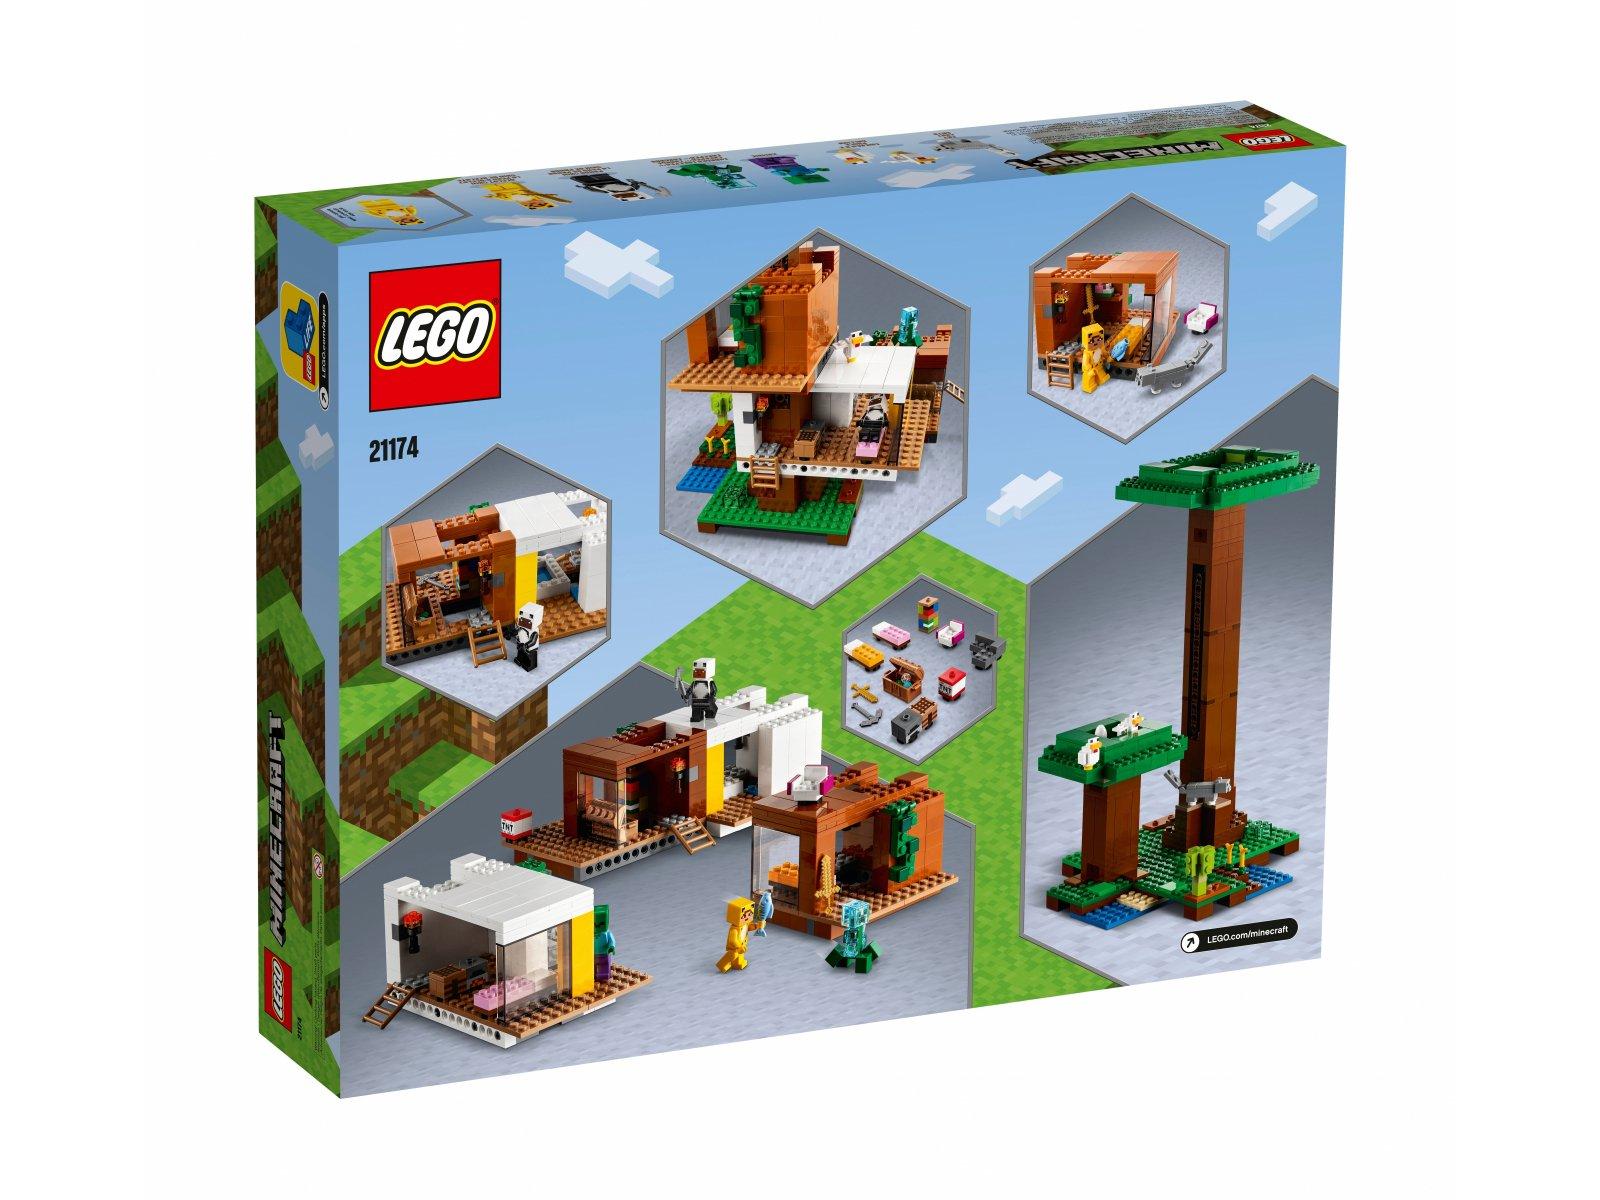 LEGO 21174 Nowoczesny domek na drzewie